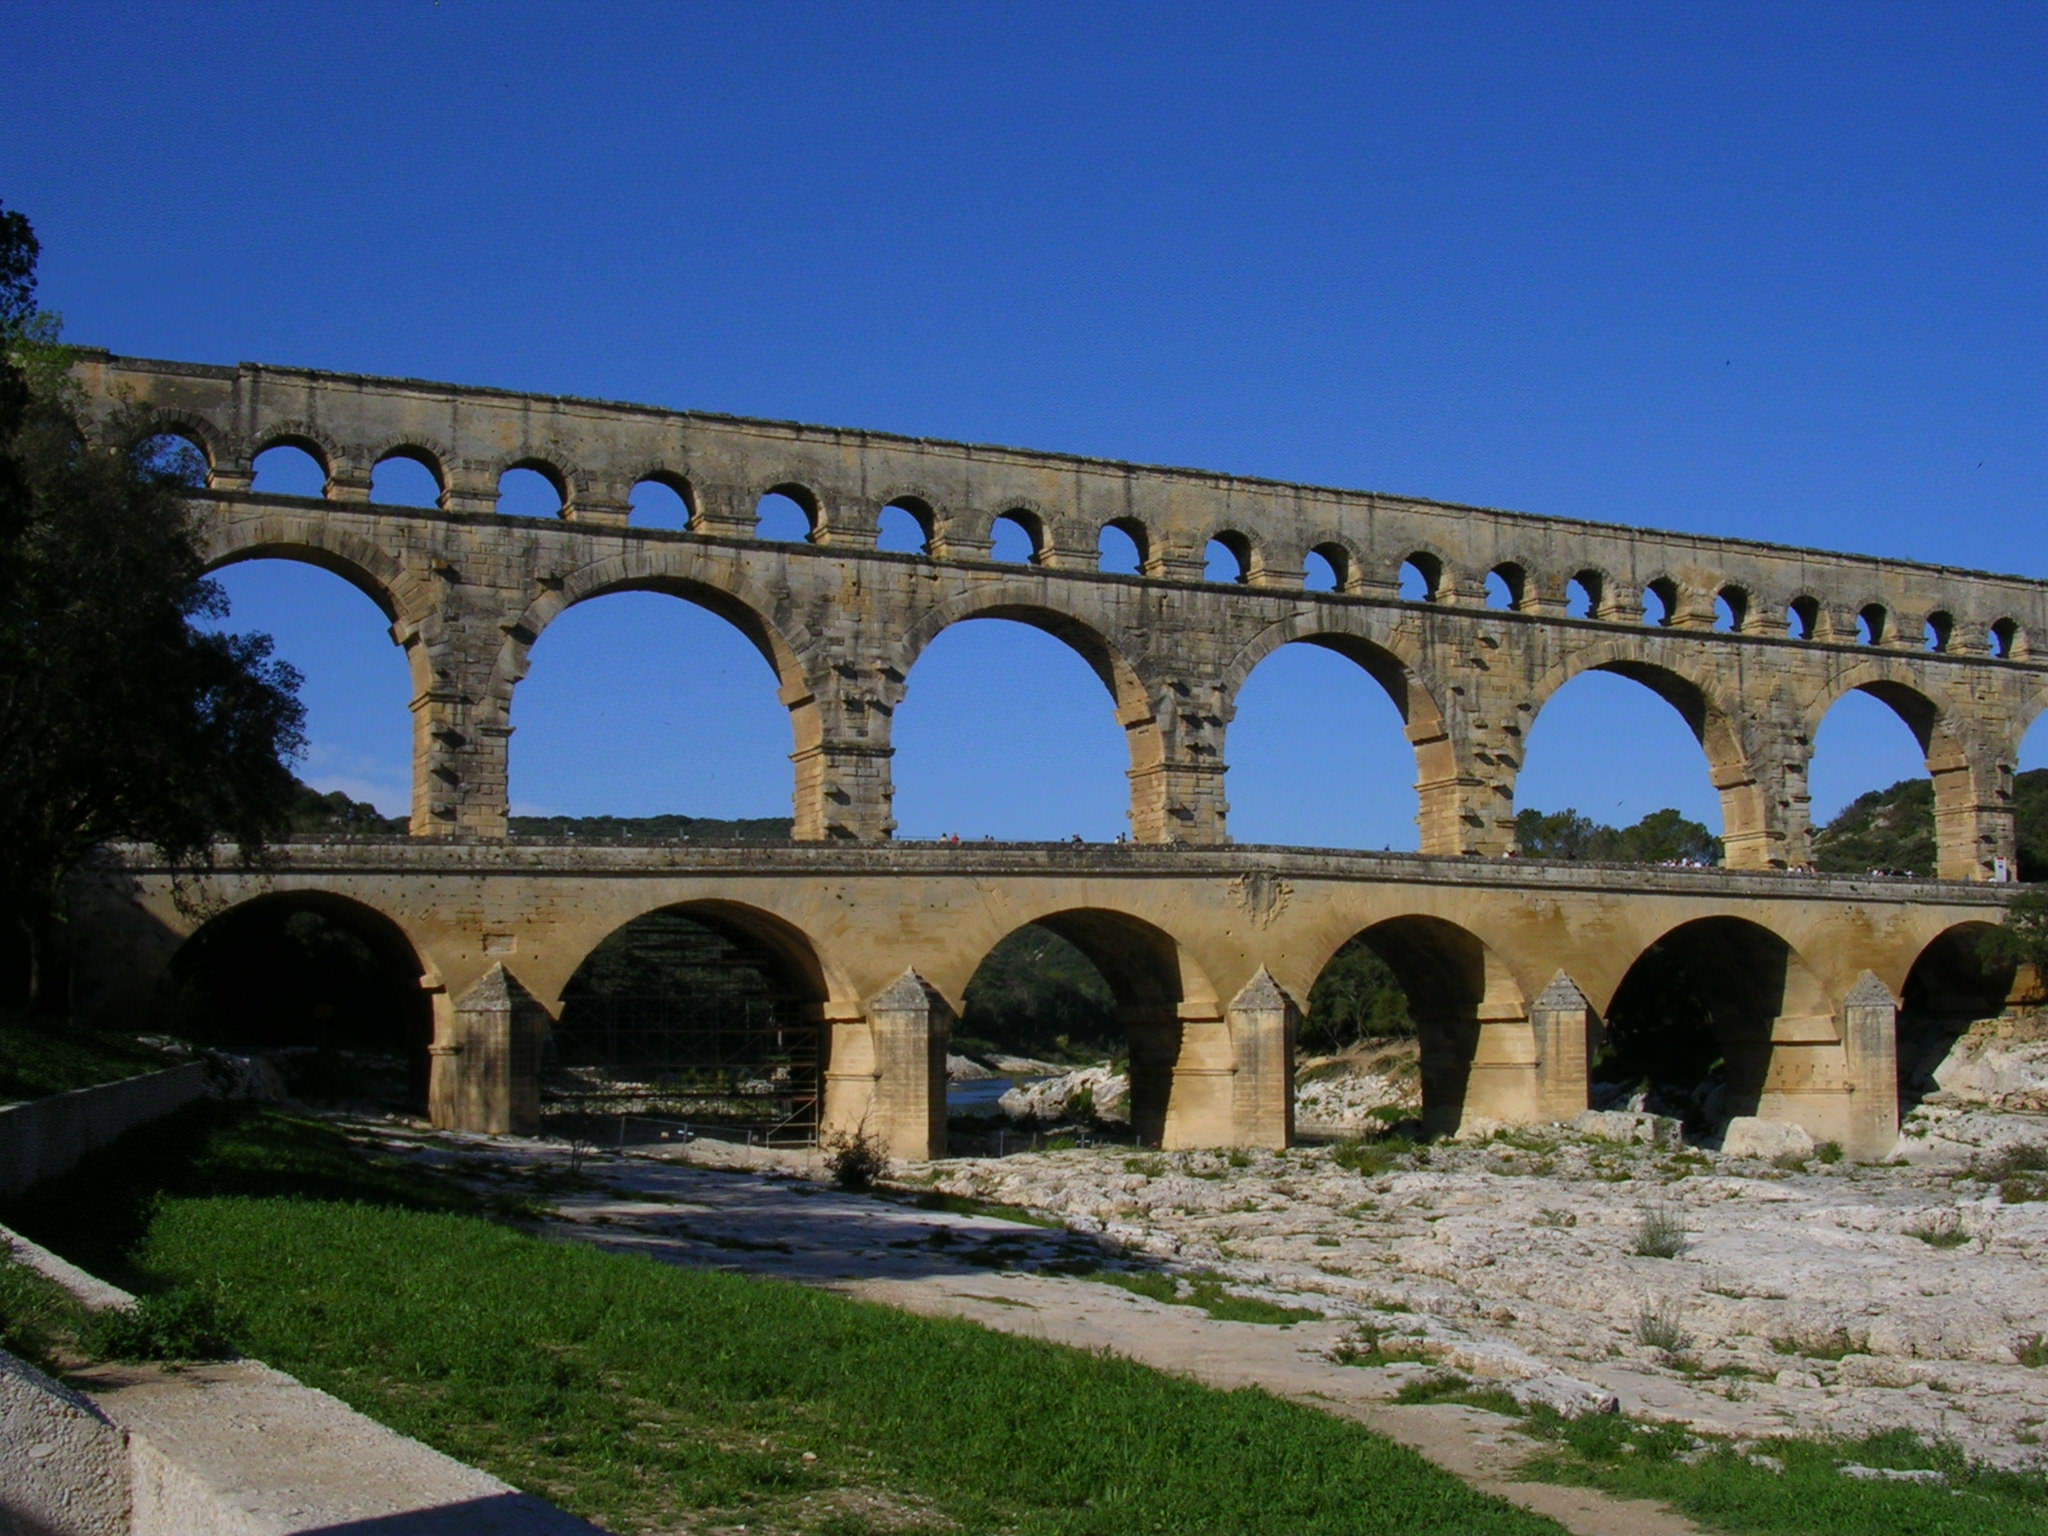 Charming Pont Du Gard, France